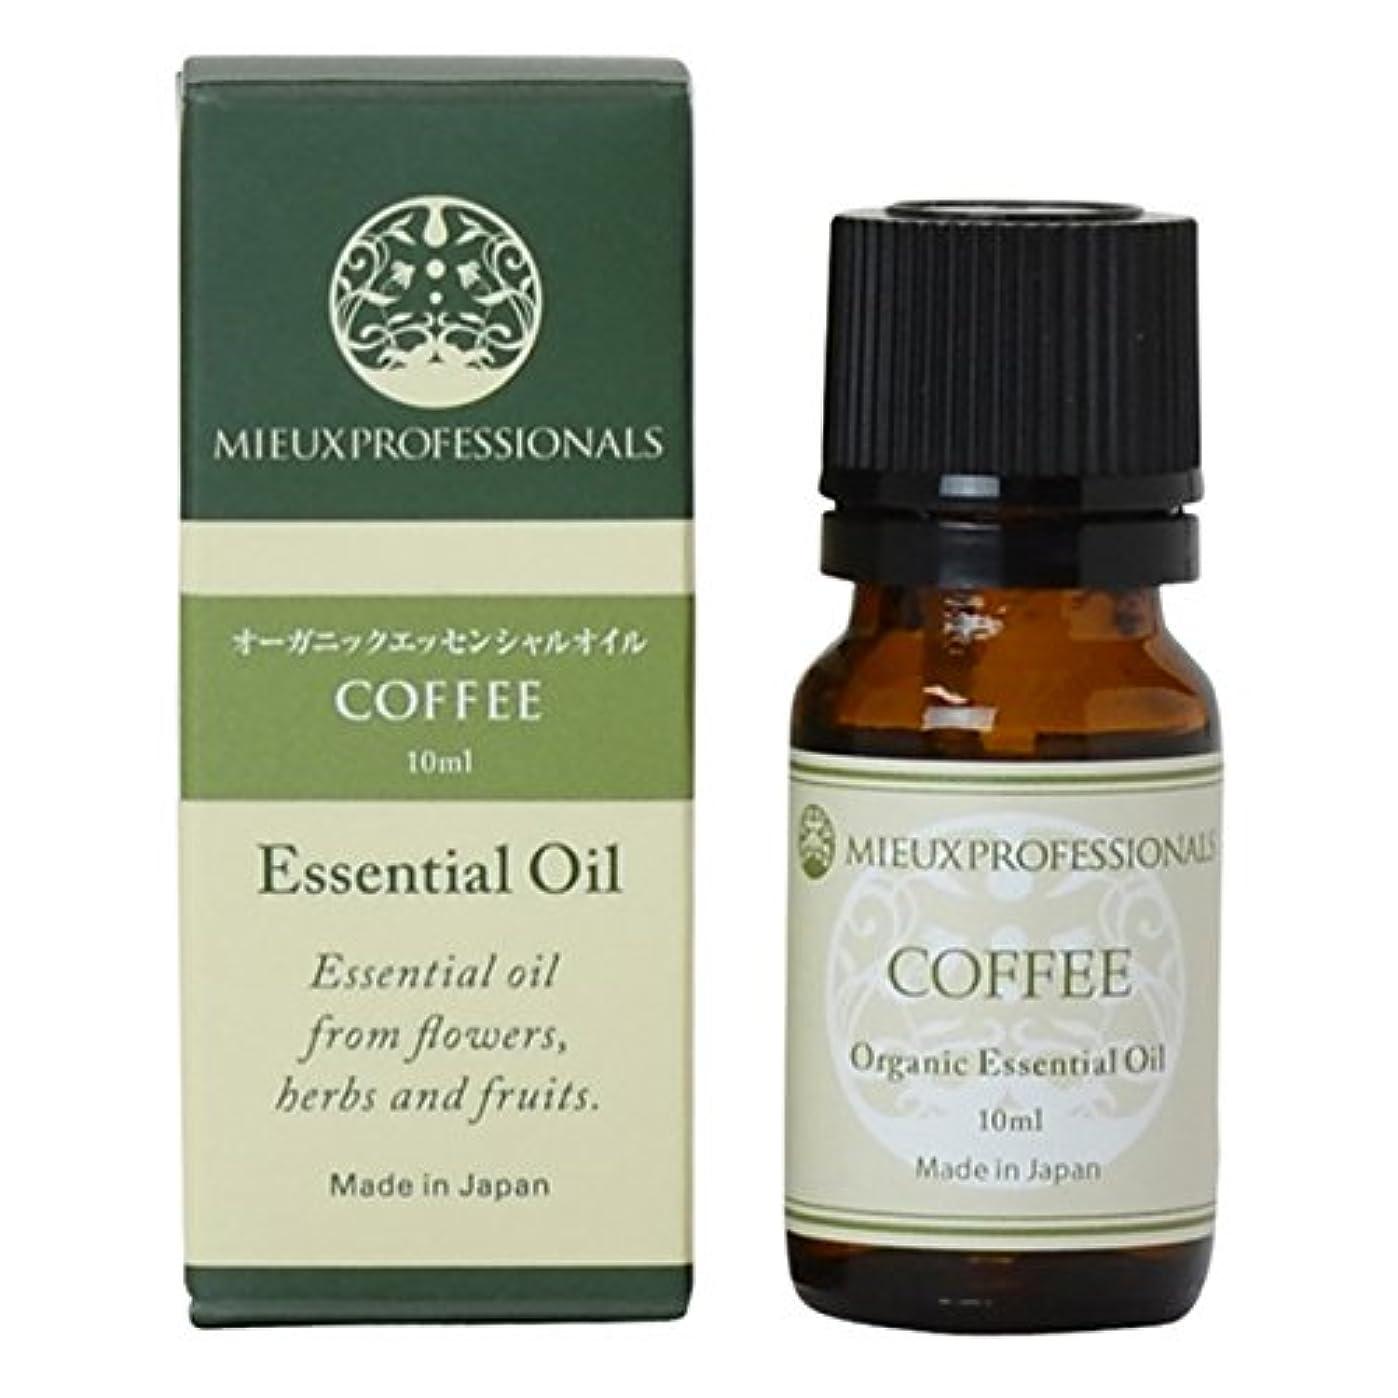 洗練されたマトロン栄光のオーガニックCO2エキストラクト コーヒー 10ml